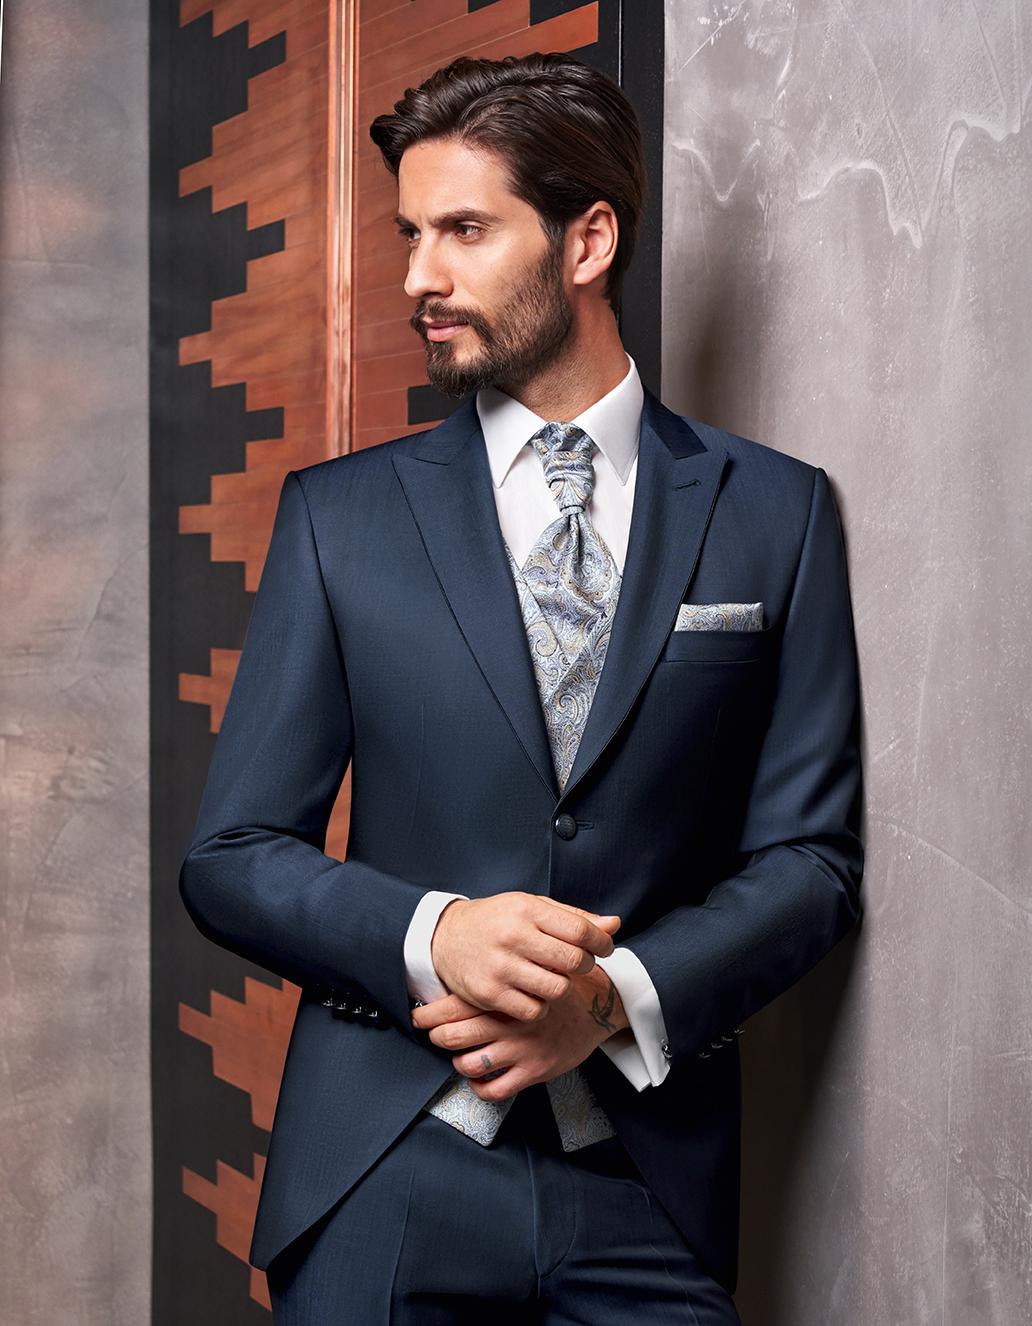 Hochzeitsanzug – Herren Anzug